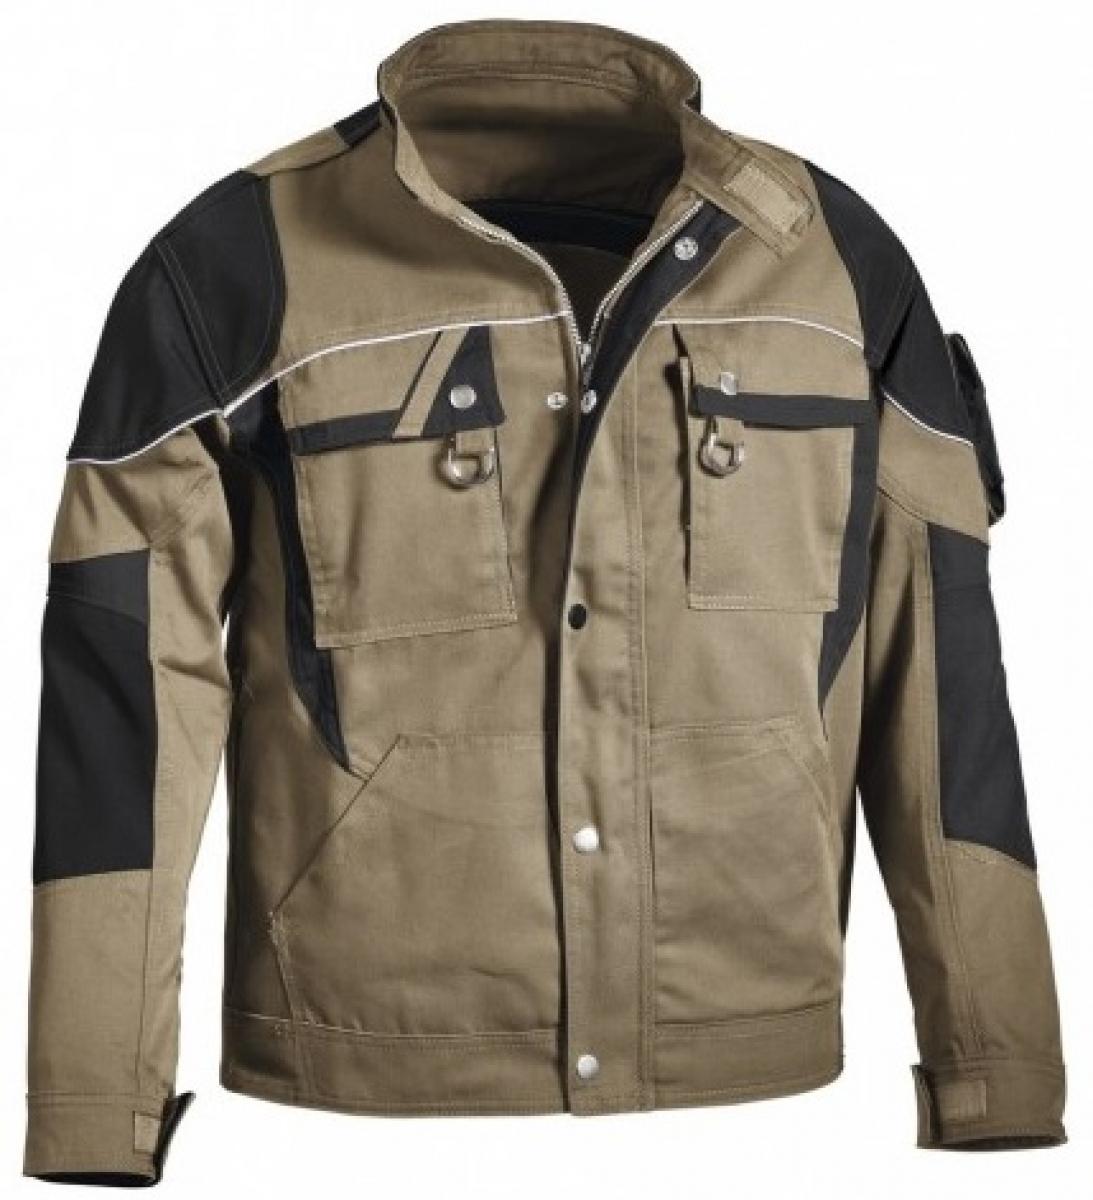 PKA-Arbeits-Berufs-Bund-Jacke, Blouson, Threeline De Luxe, MG330, khaki/schwarz